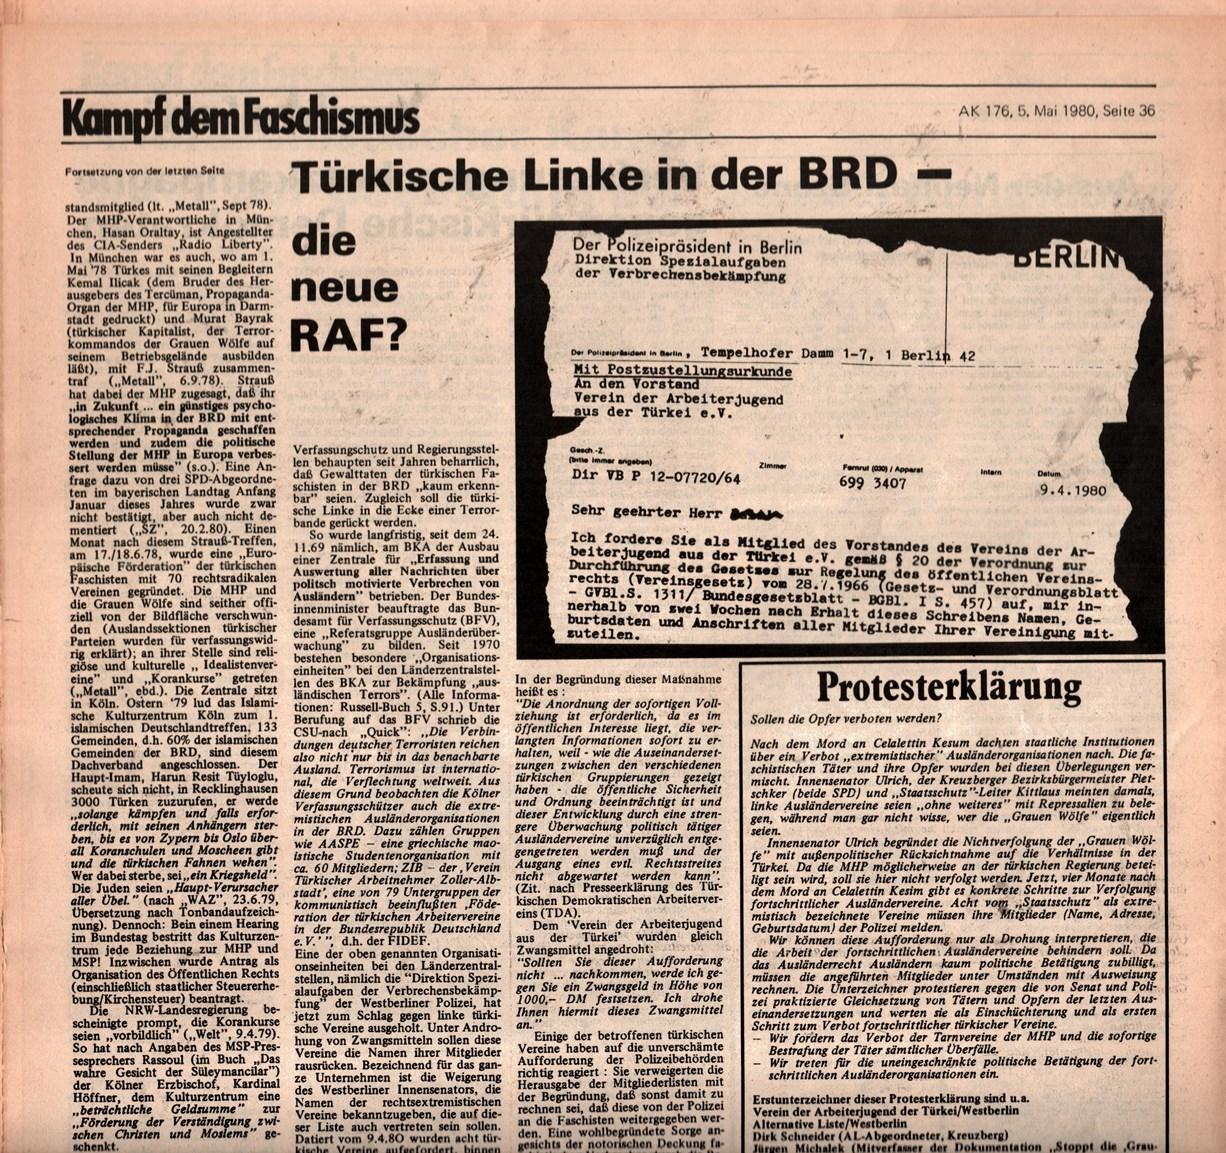 KB_AK_1980_176_071